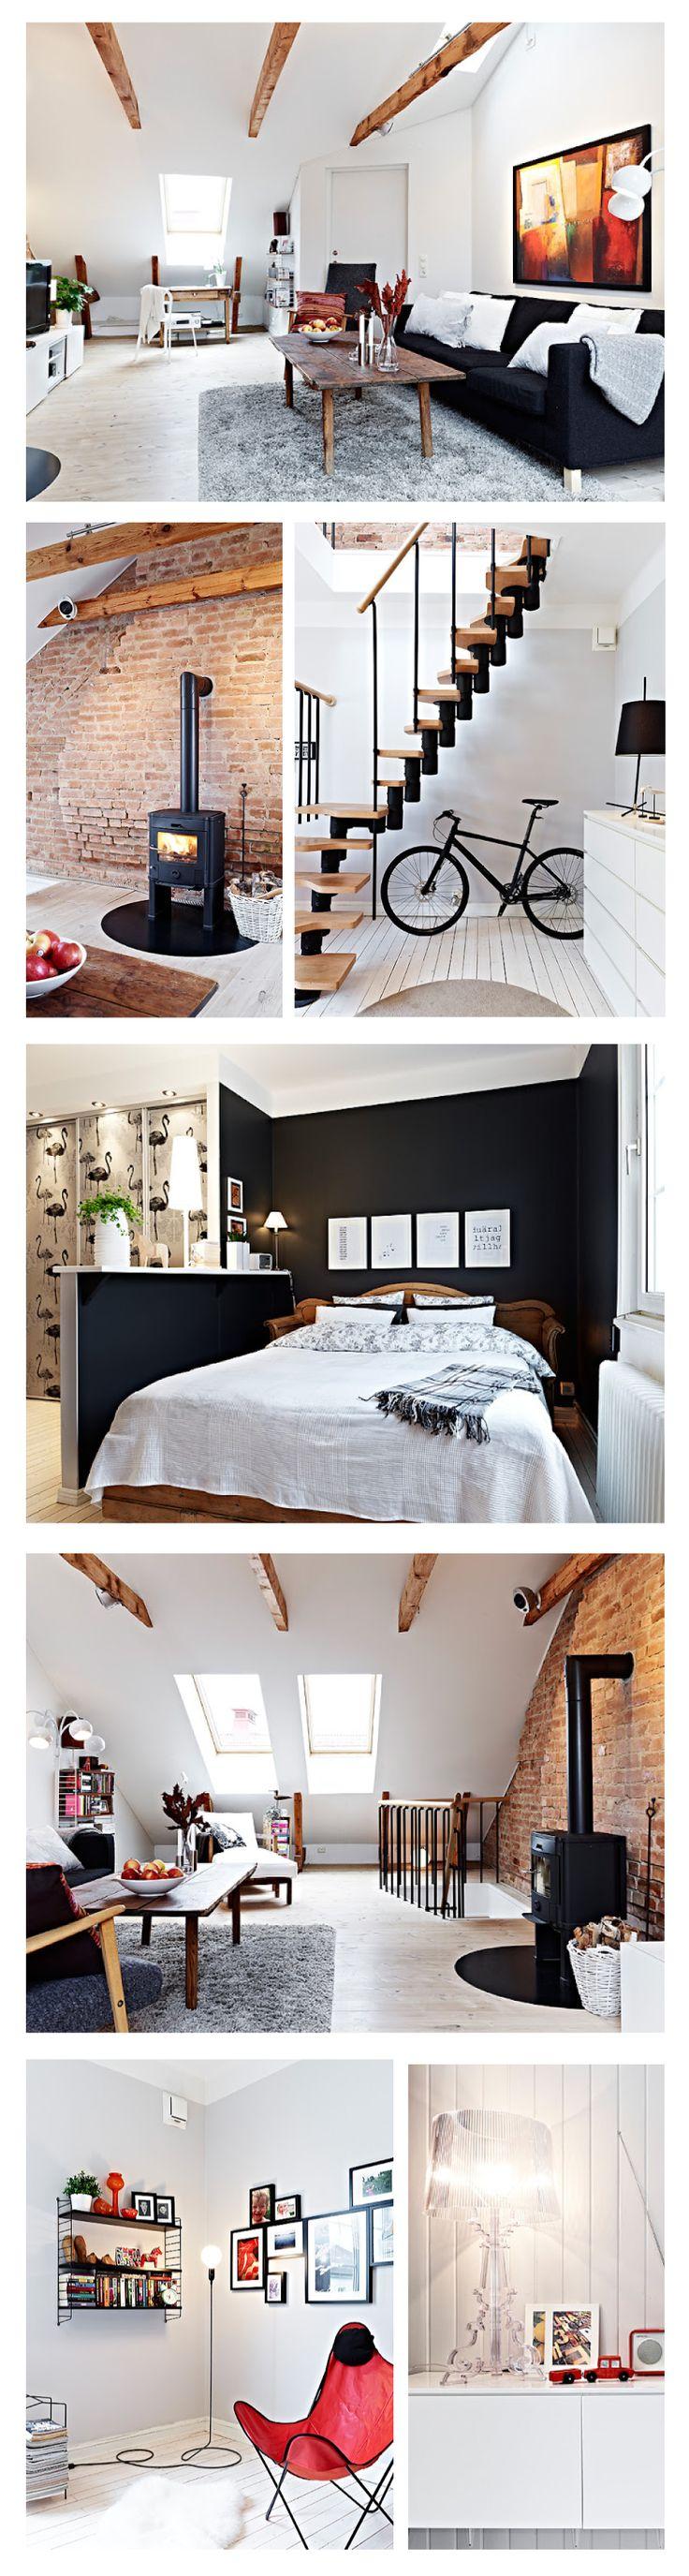 Apartamento nórdico. Calidez y belleza #apartamento #ioshop #nórdico www.ioshop.es